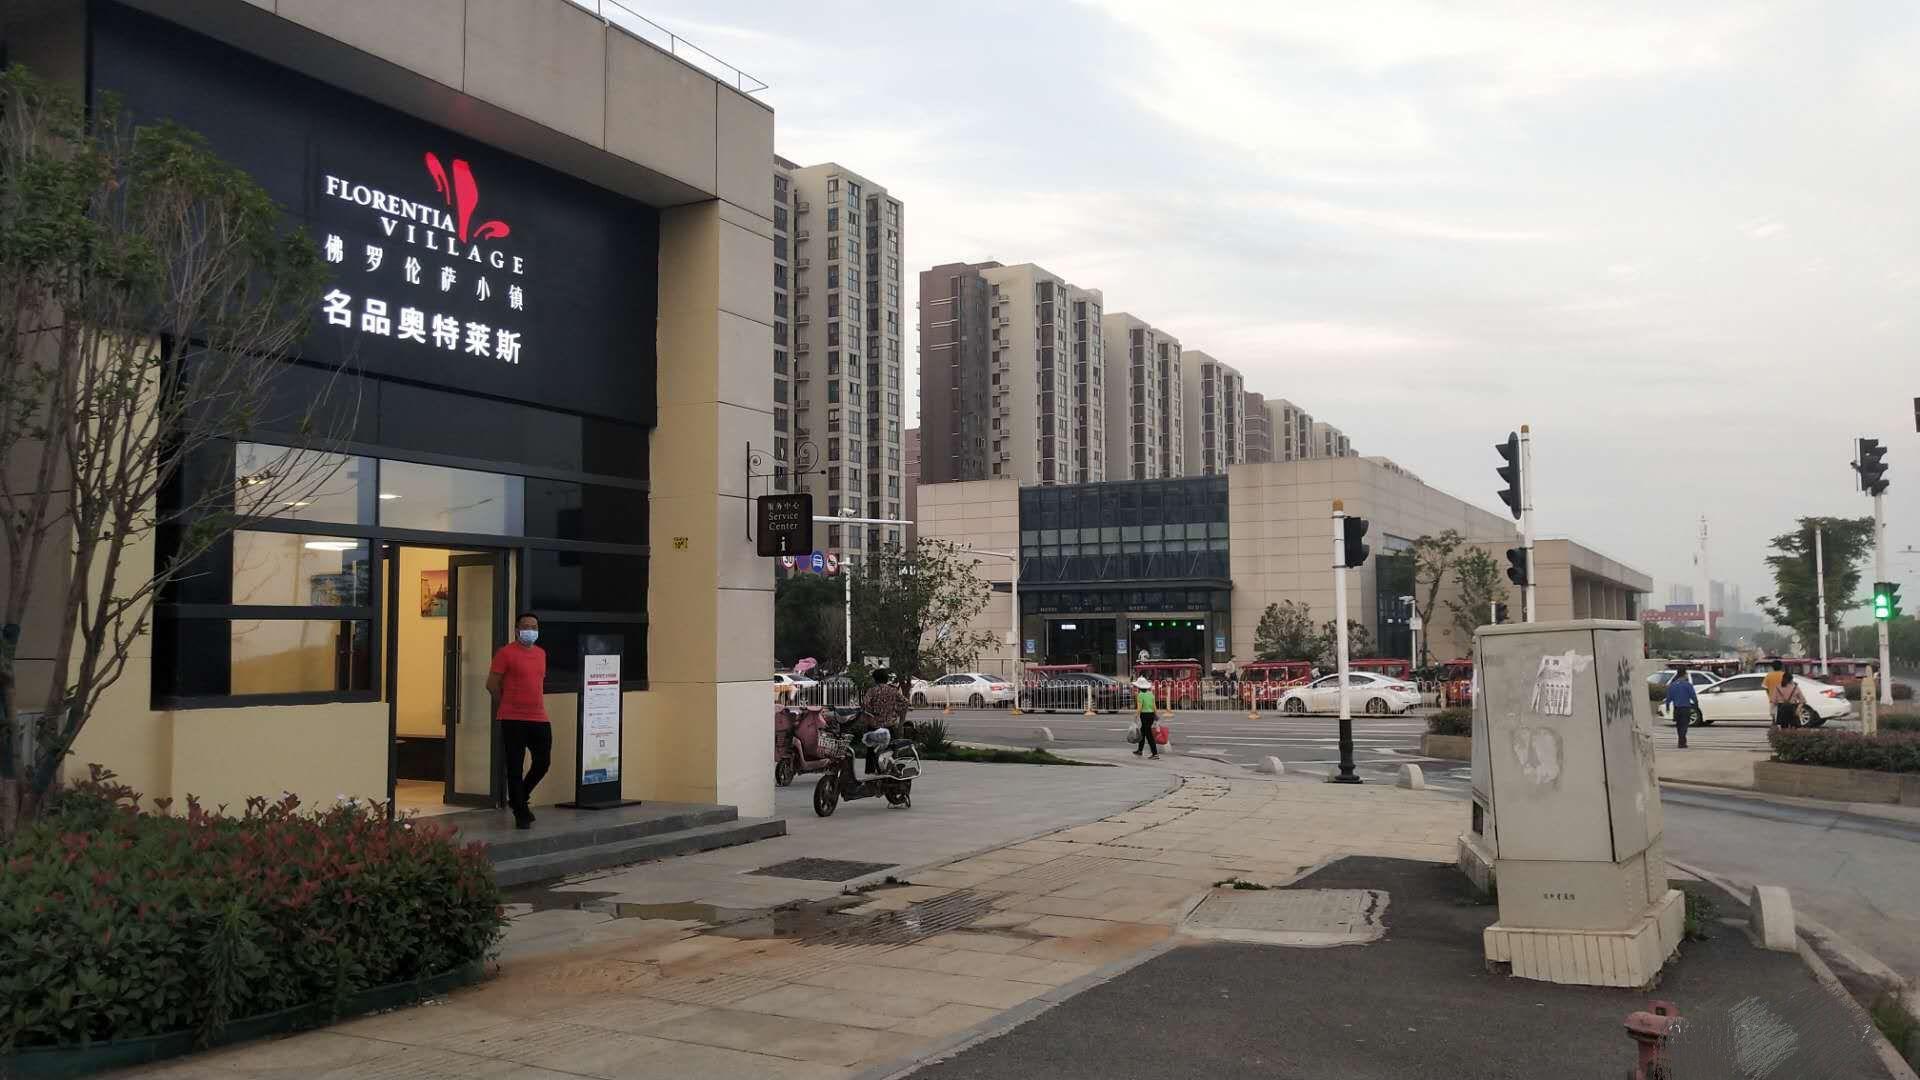 在武汉上班,而在葛店买房定居,这种做法值得吗?